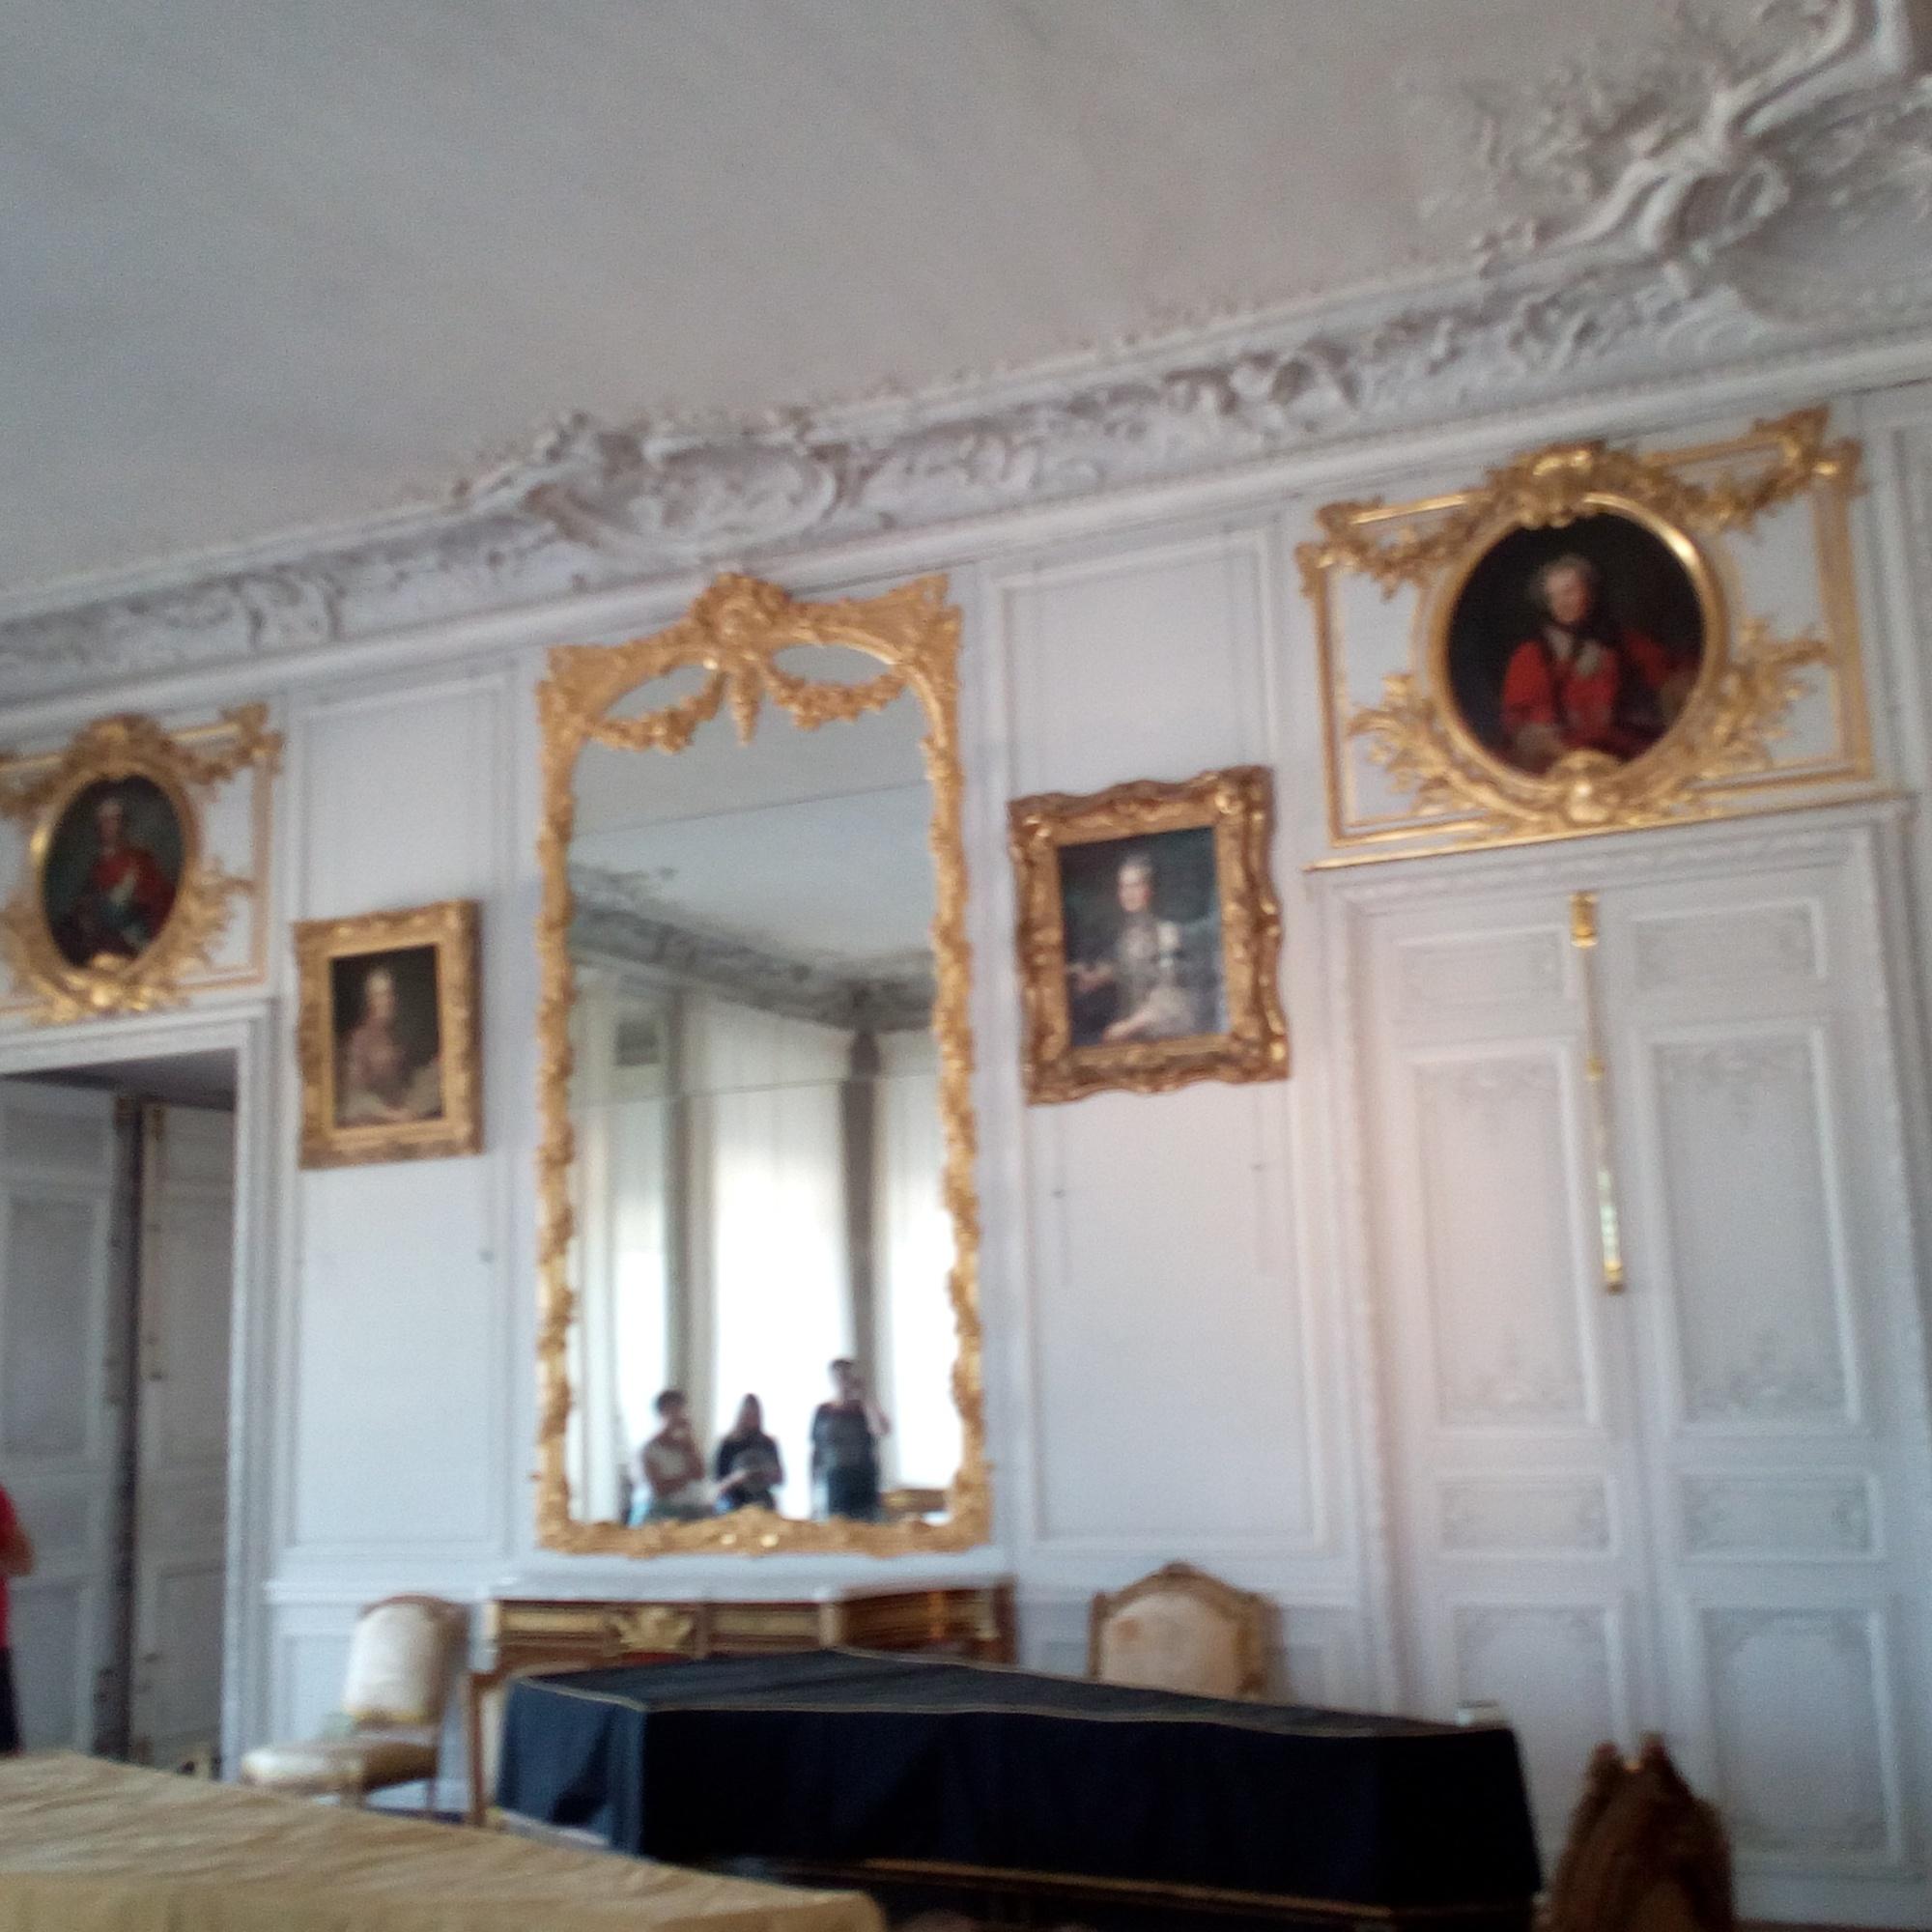 Les appartements de Mesdames au château de Versailles, le Grand cabinet de Madame Victoire